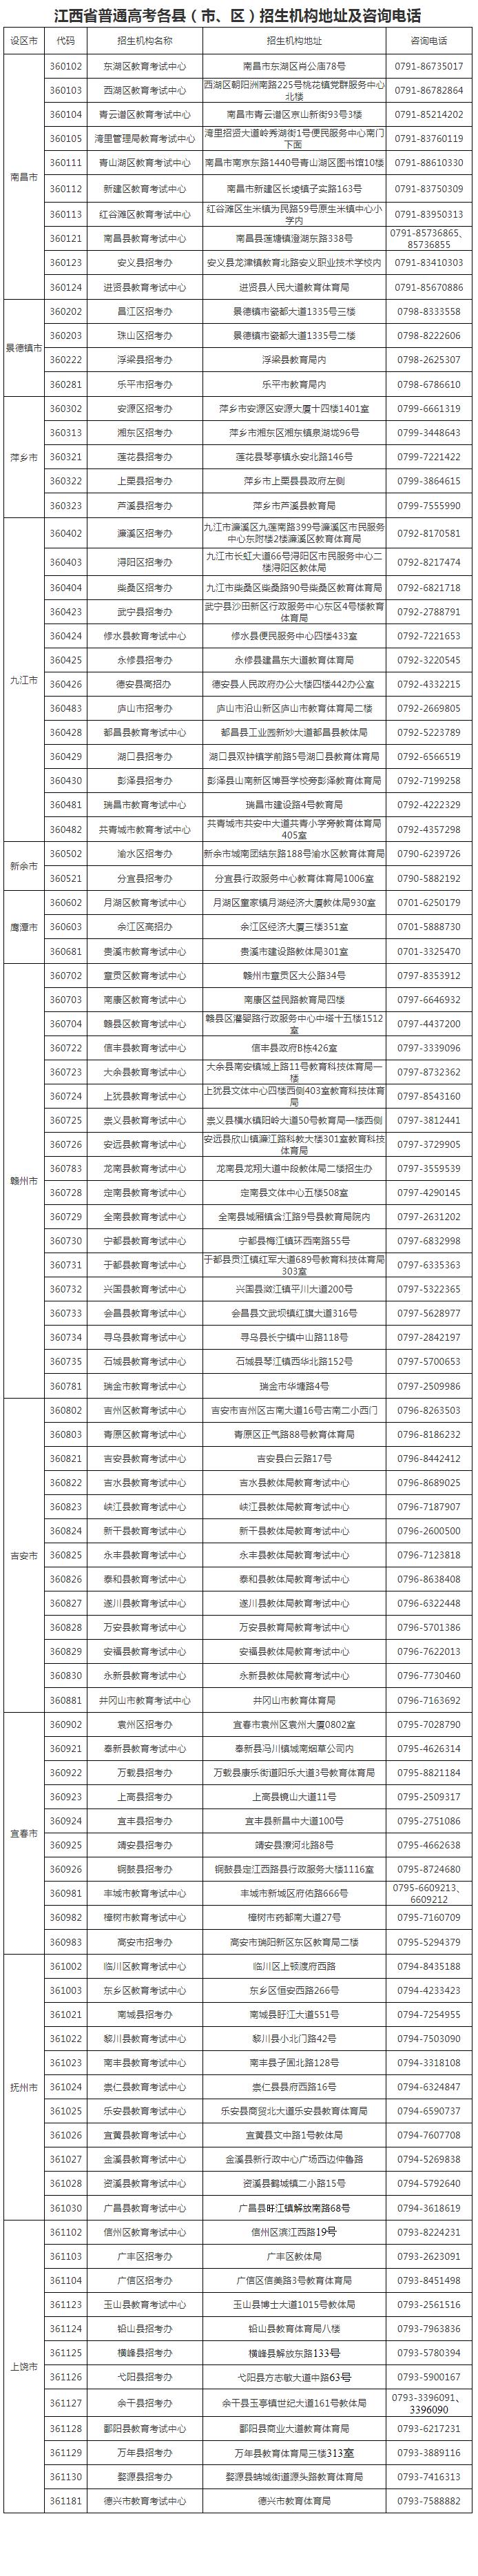 2022江西高考各县(市、区)招生机构地址及咨询电话